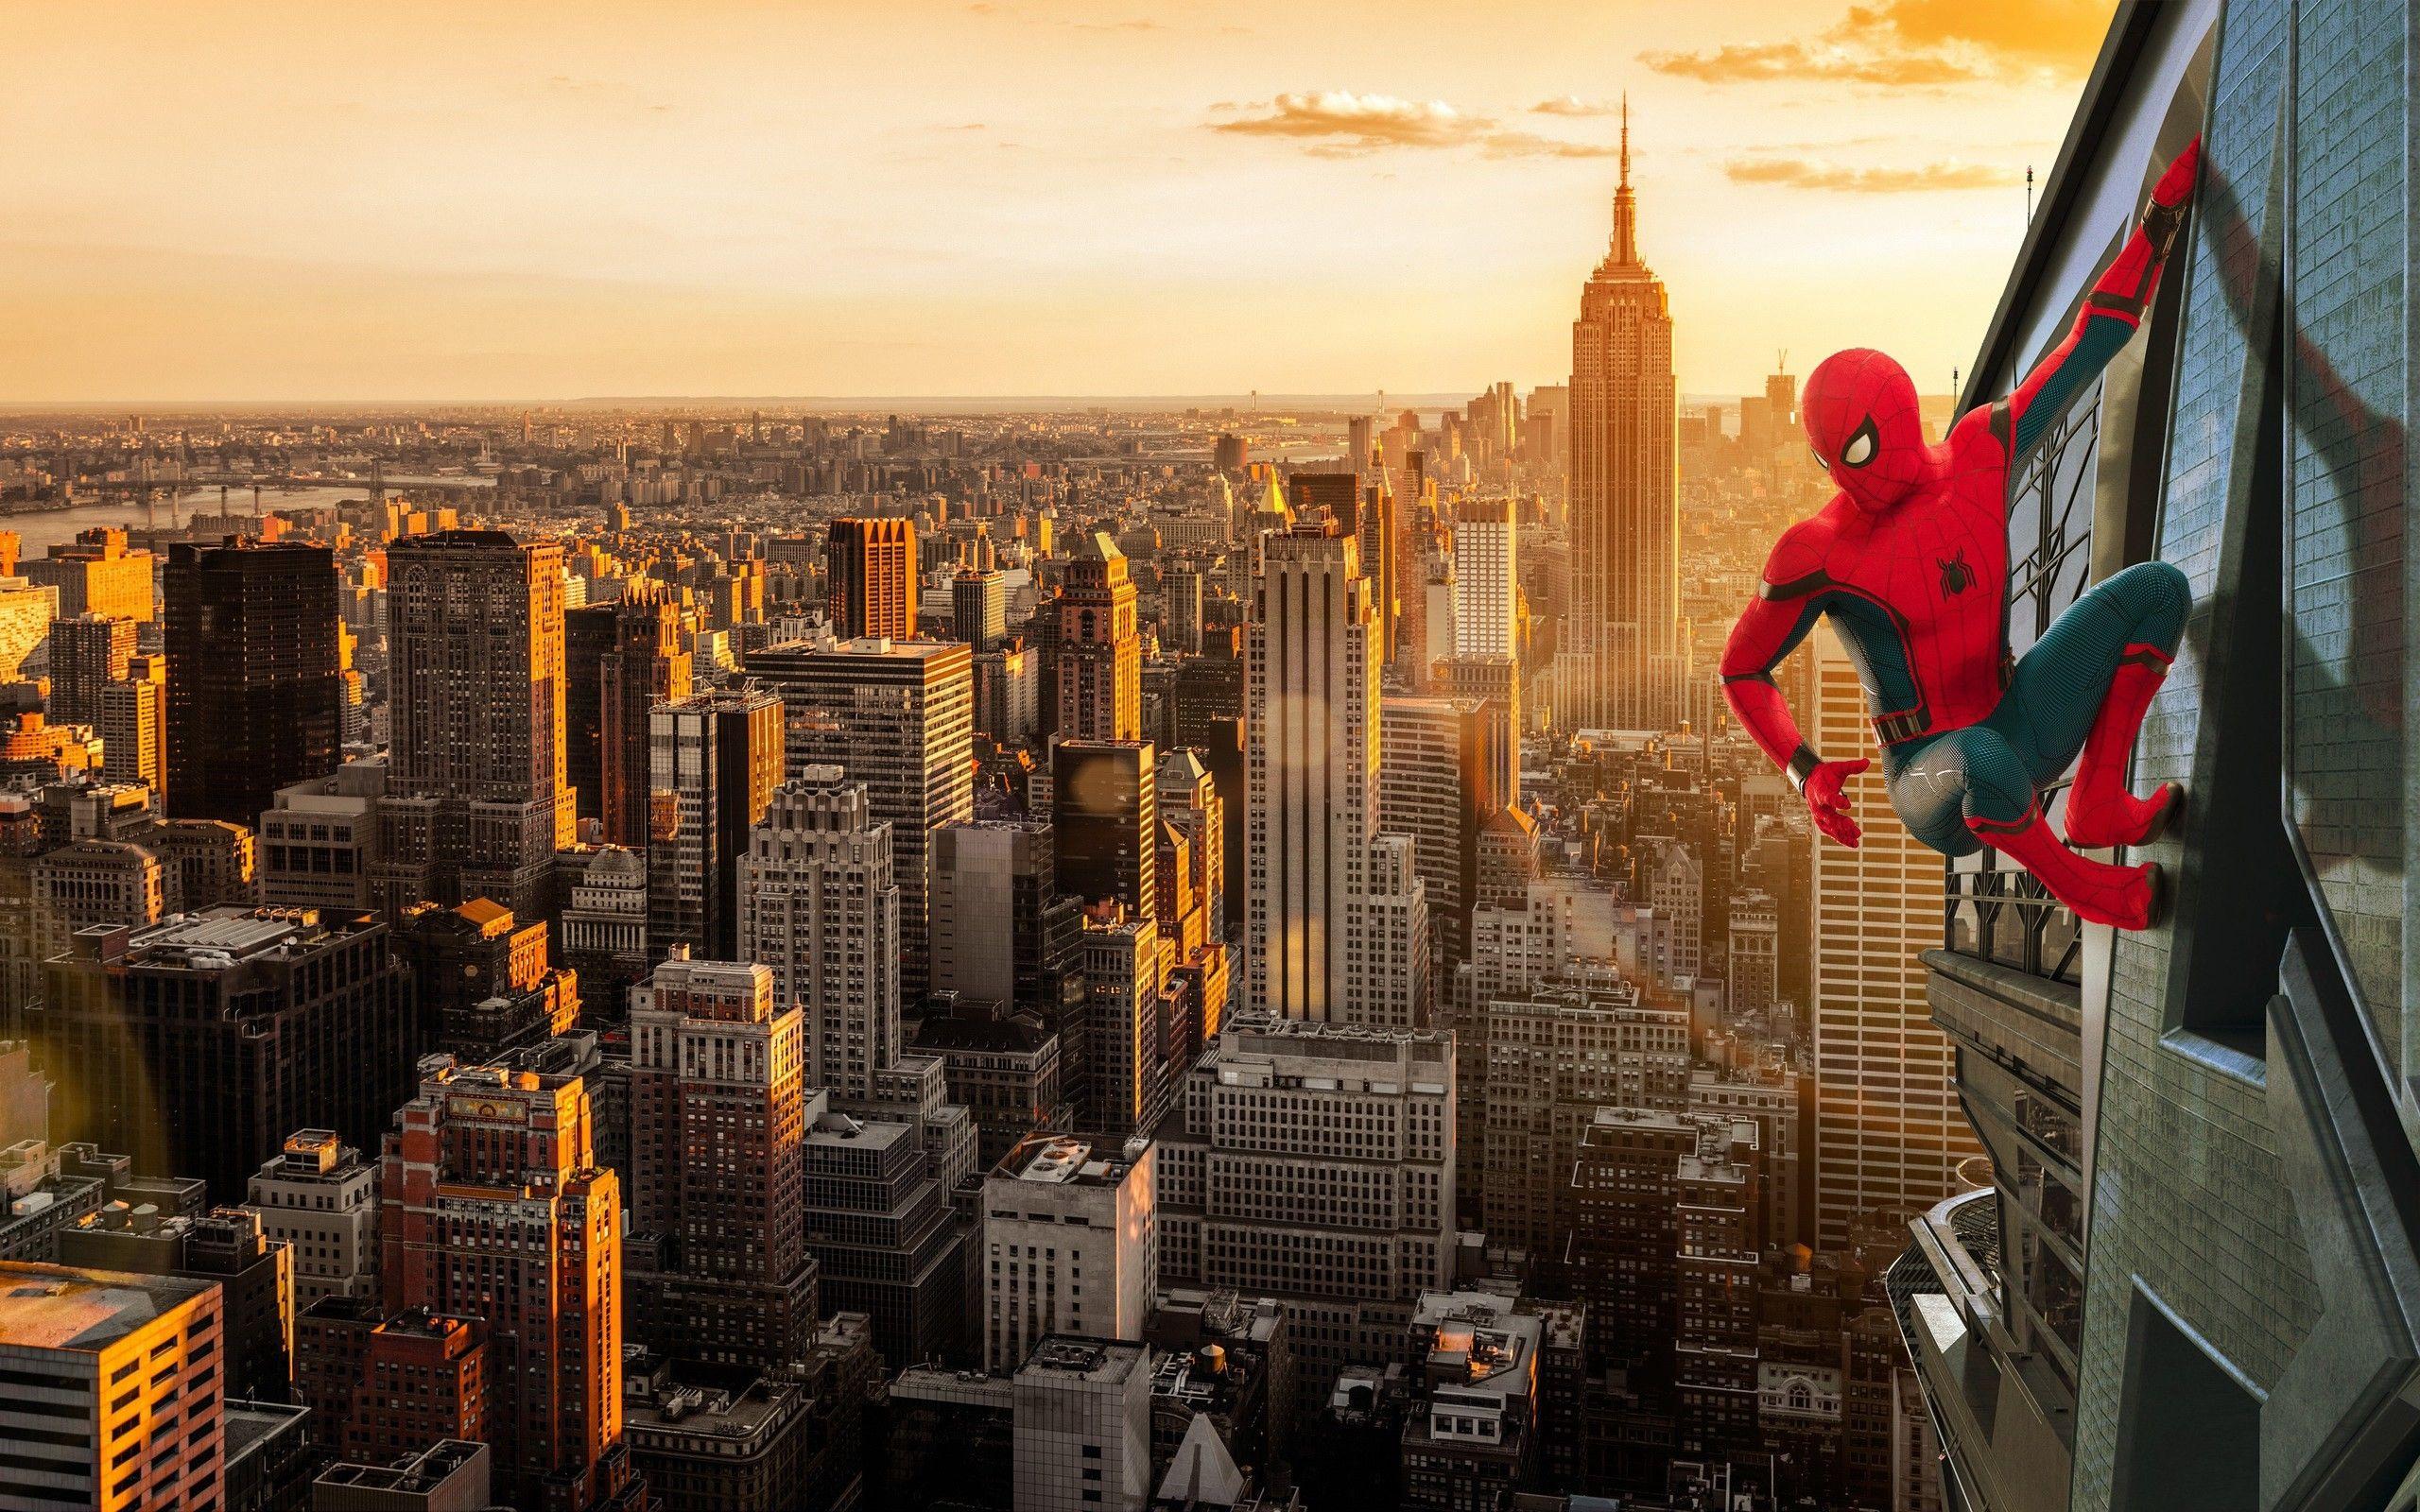 ความละเอียด 2560x1600, Spiderman 2018 Wallpaper 75 ภาพ